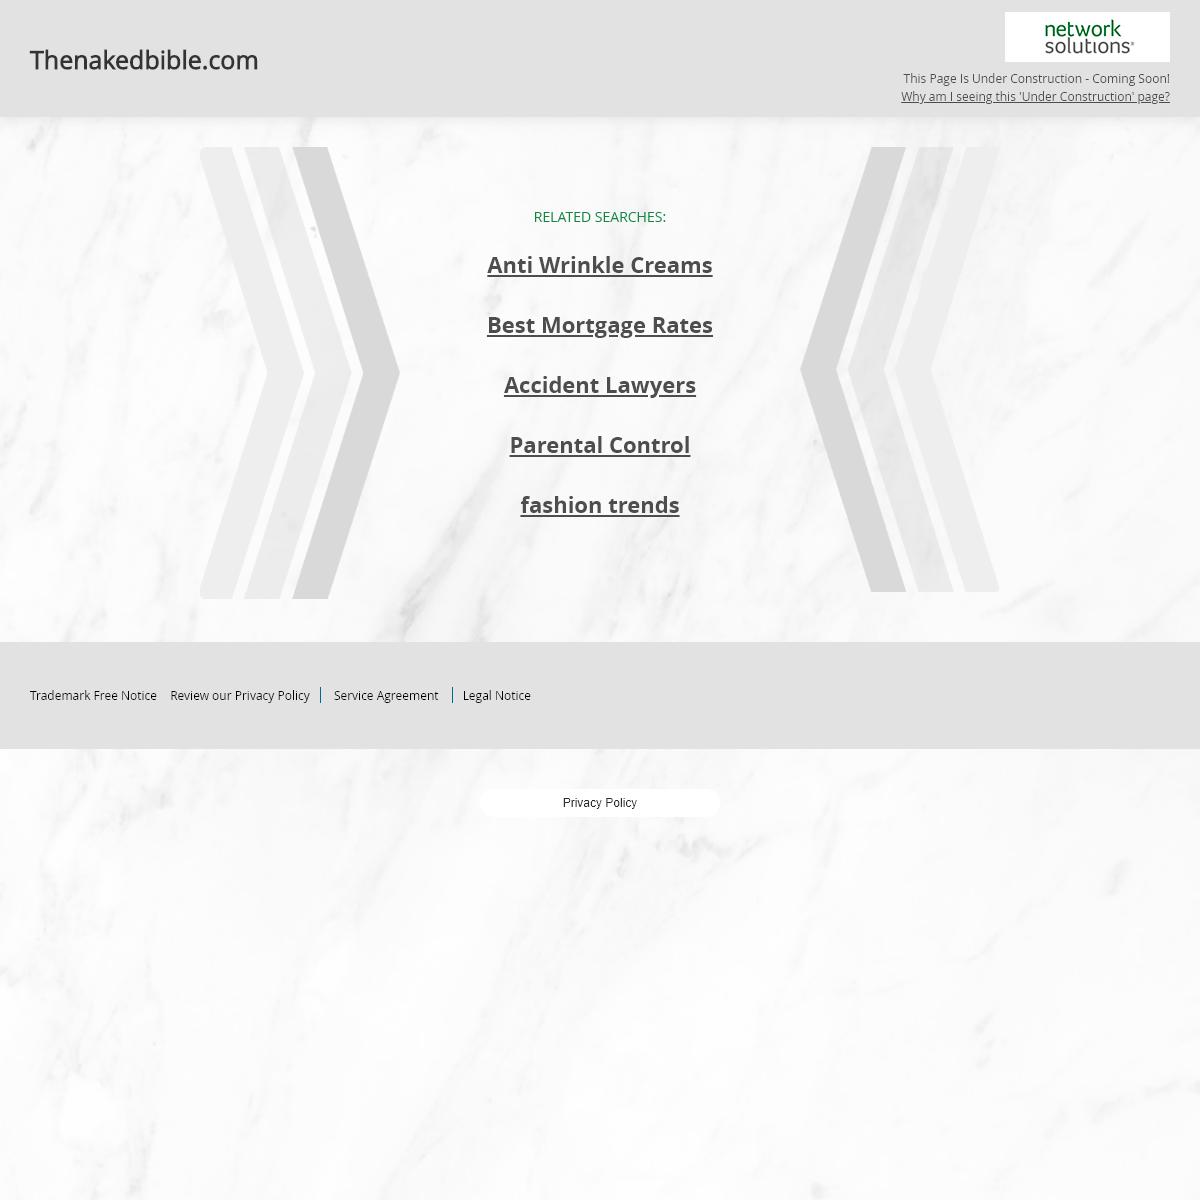 Thenakedbible.com